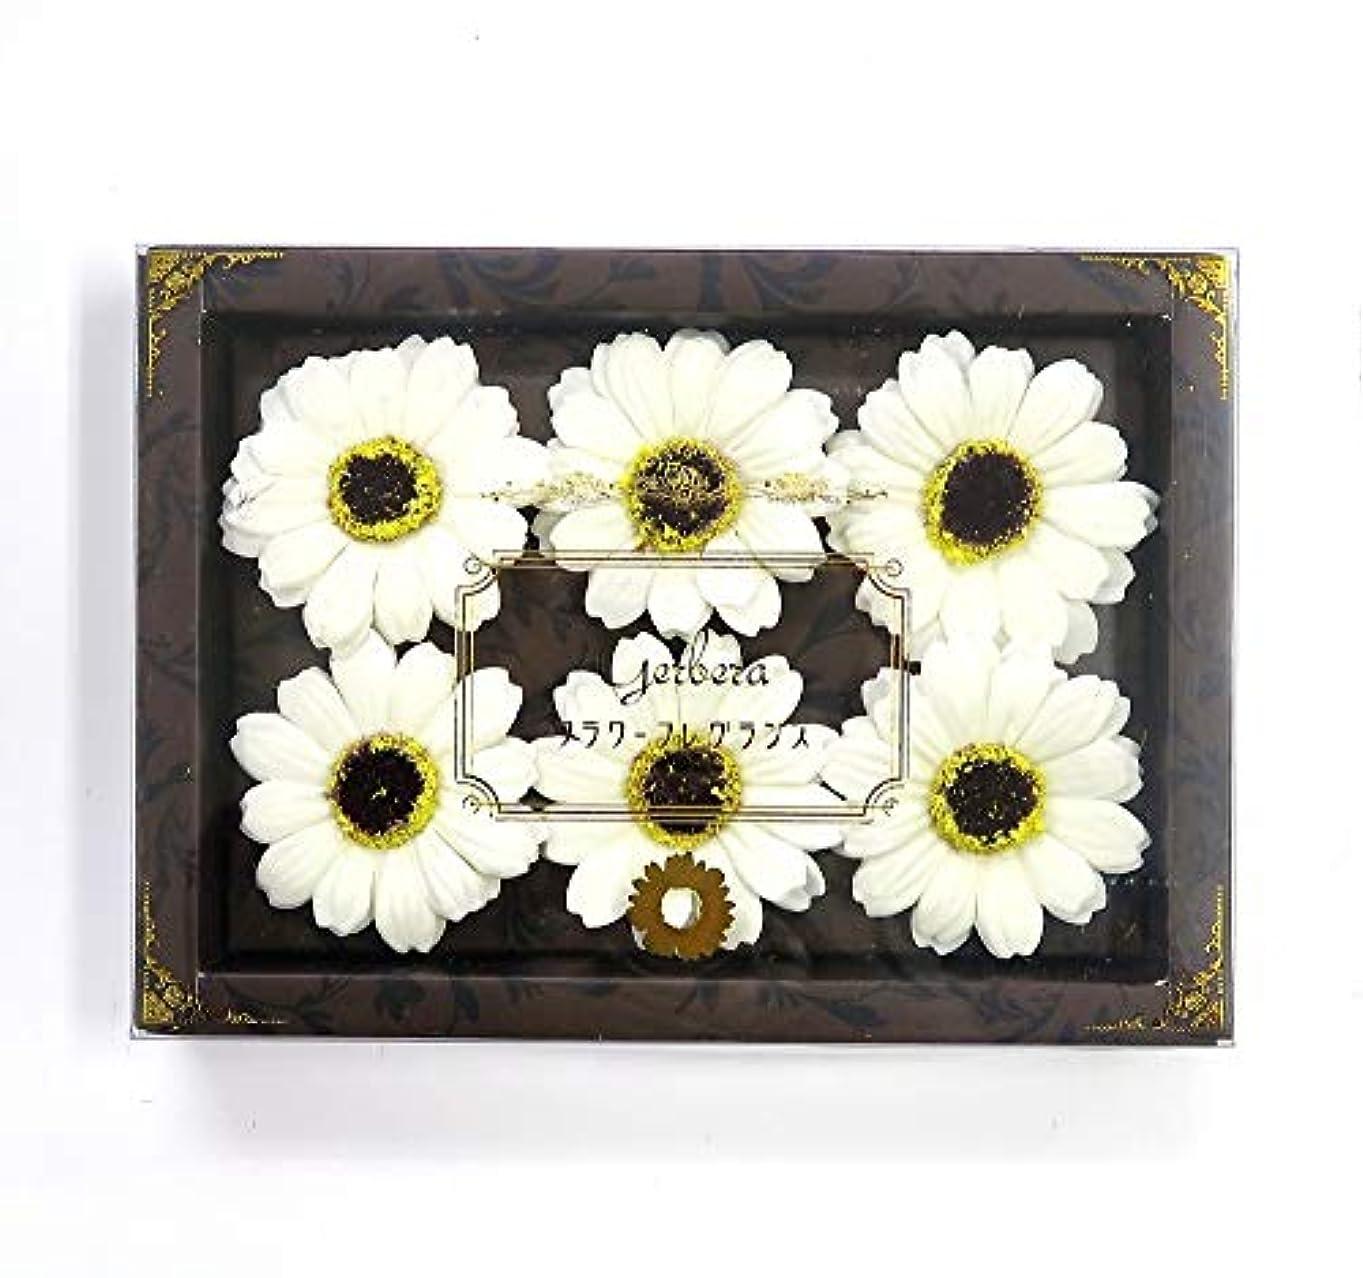 一月攻撃情熱花のカタチの入浴剤 ガーベラ バスフレグランス フラワーフレグランス バスフラワー (ホワイト)